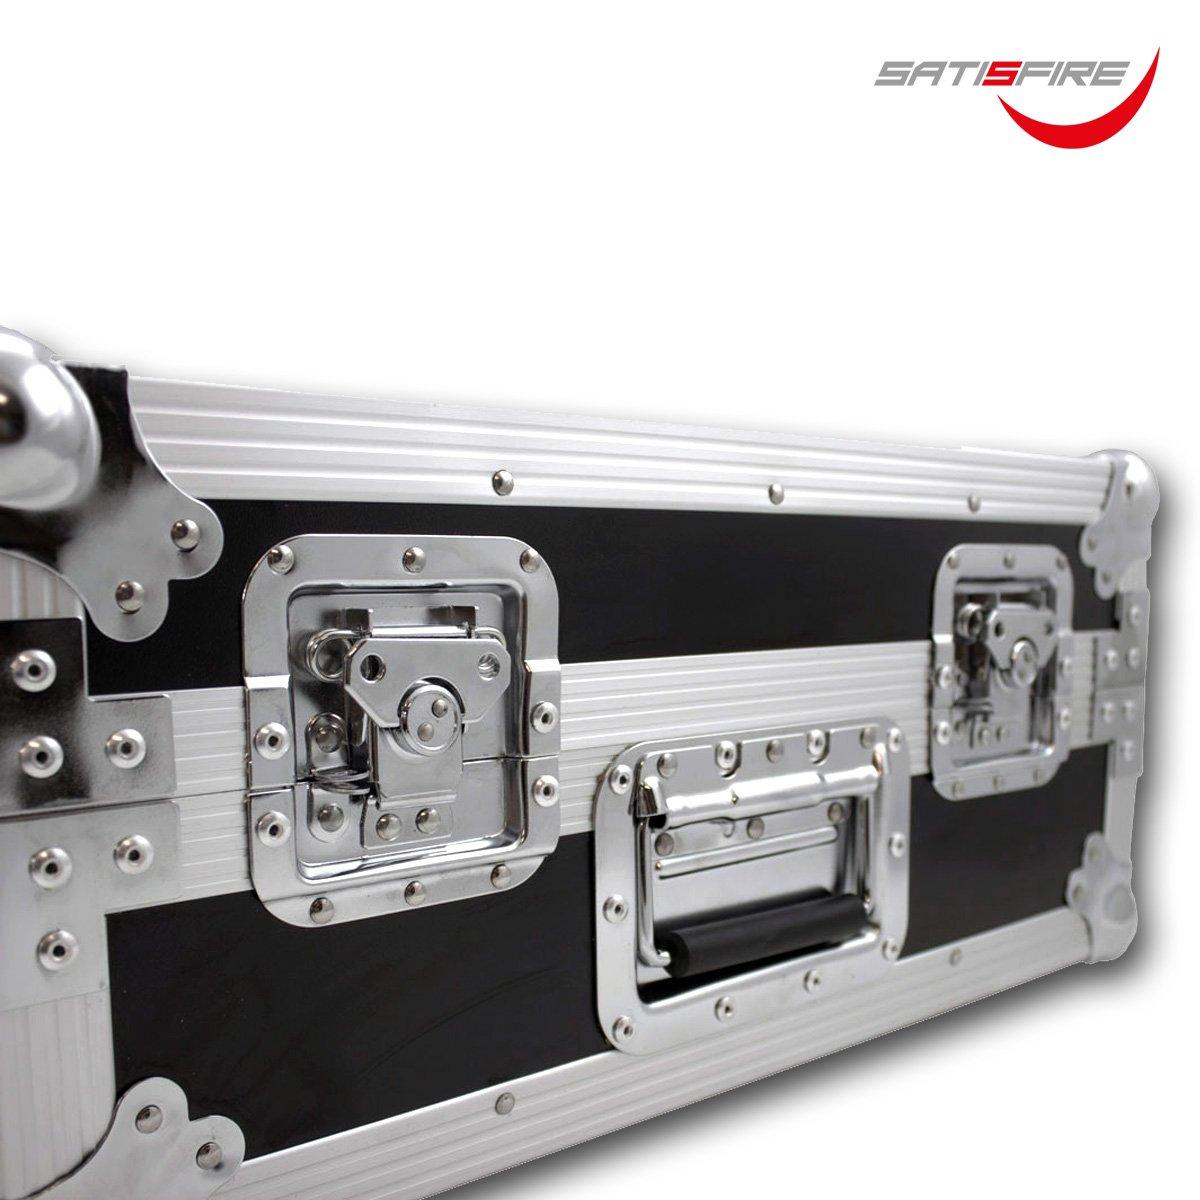 satisfire® Case para tocadiscos • Turntable Case • TT de Pro ...